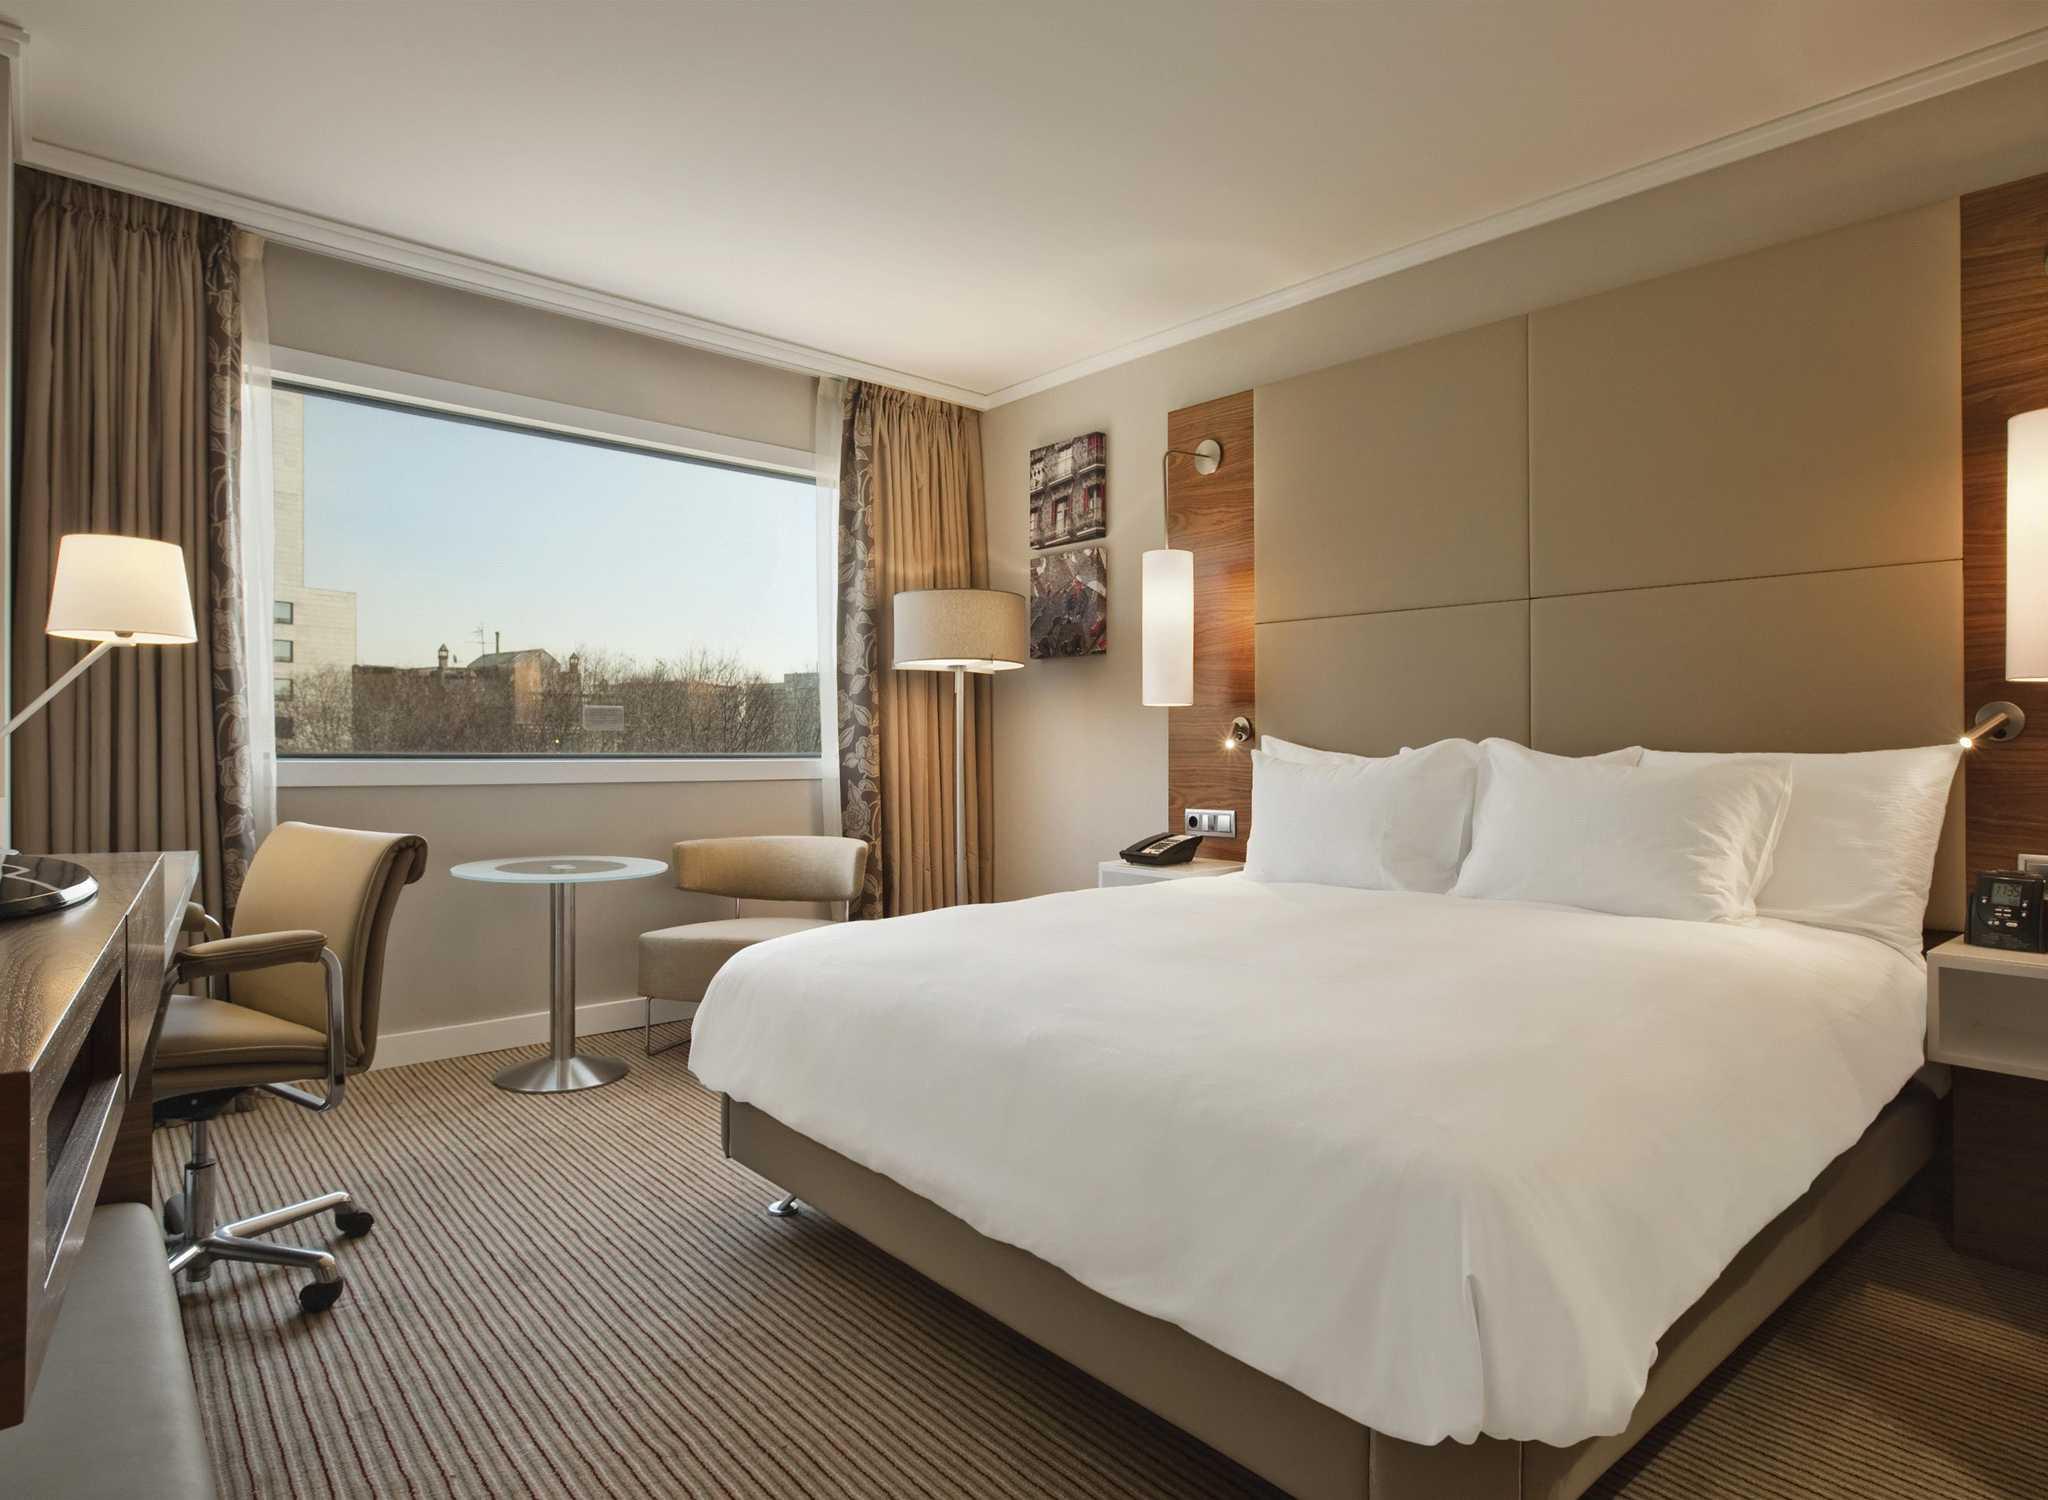 Alojamiento en el centro de la ciudad de barcelona hotel for Hoteles barcelona habitaciones cuadruples